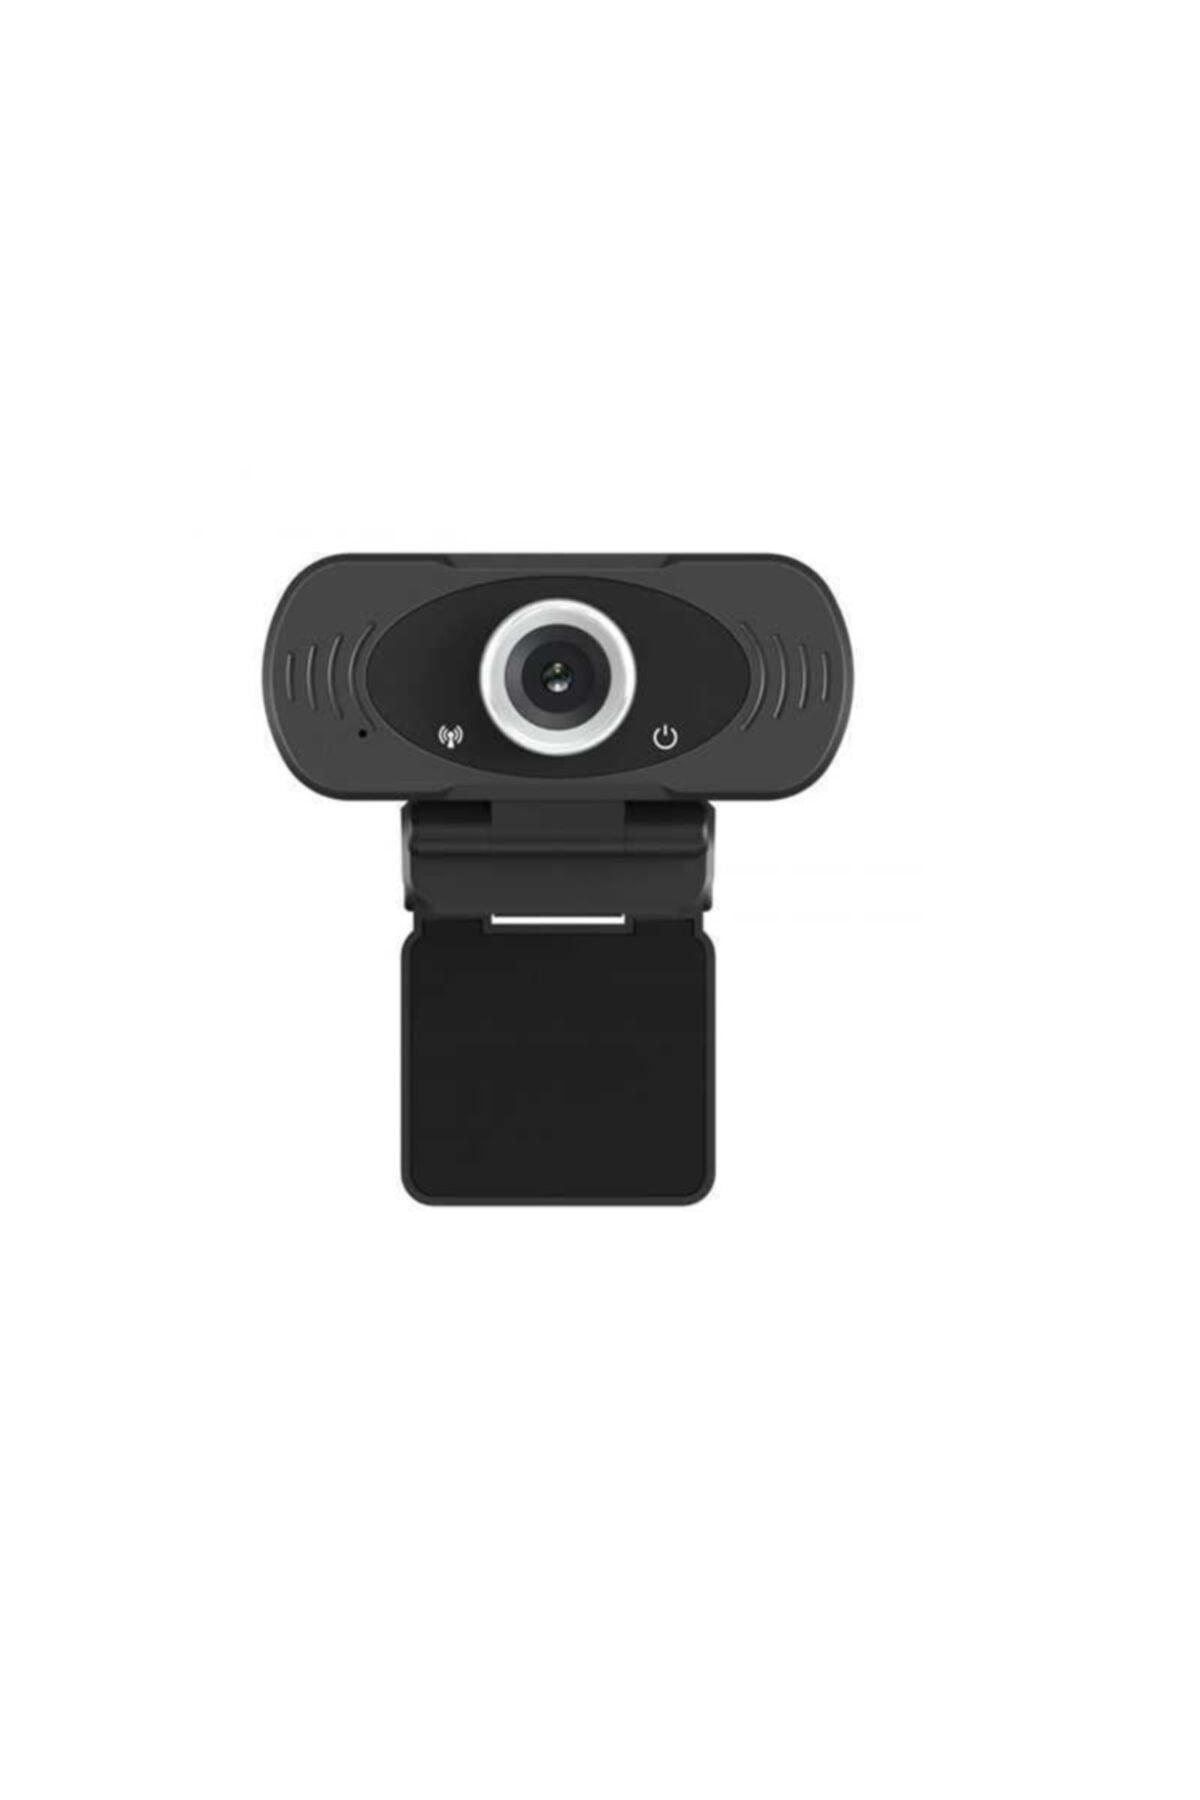 Xiaomi Imılab Full Hd 1080p Webcam 1